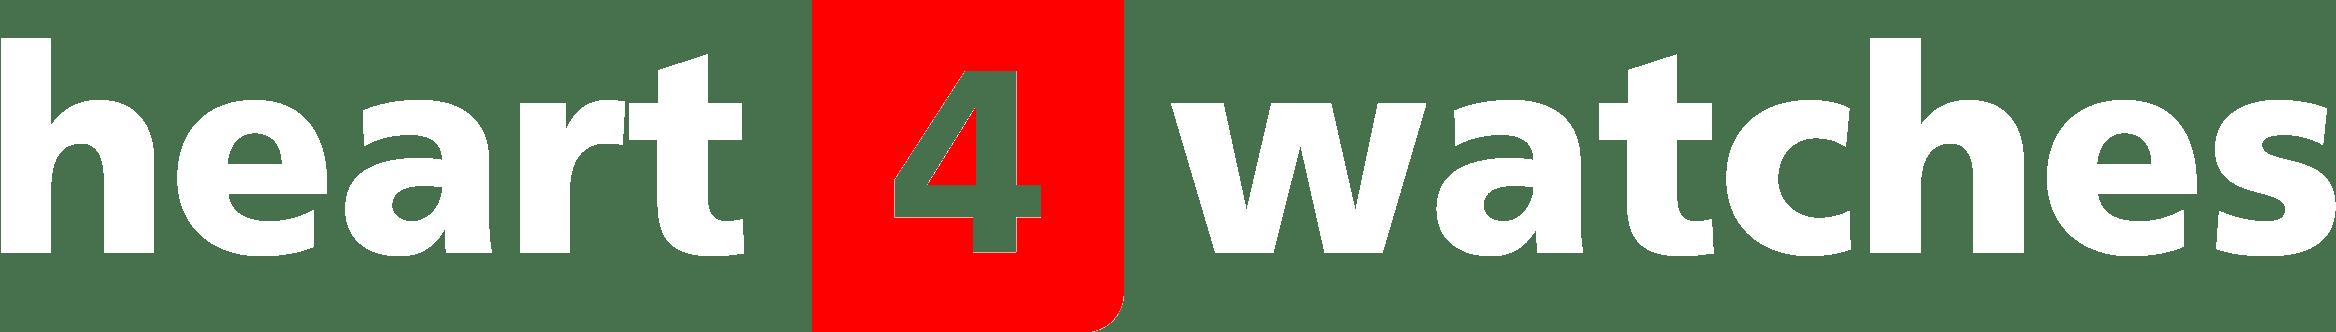 Logo Heart4Watches